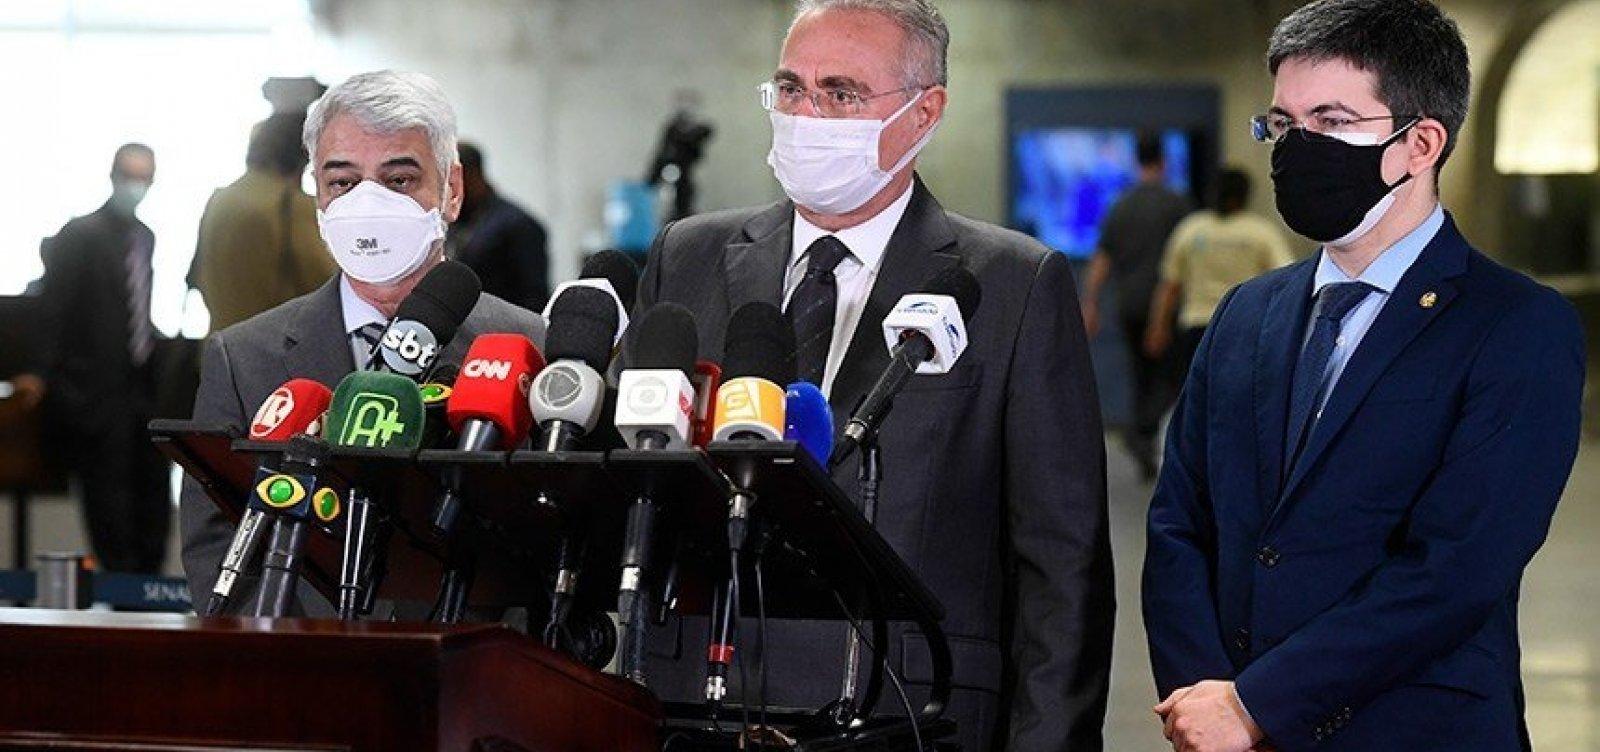 Queiroga, Pazuello, Araújo e mais 11 passam à condição de investigados na CPI da Covid